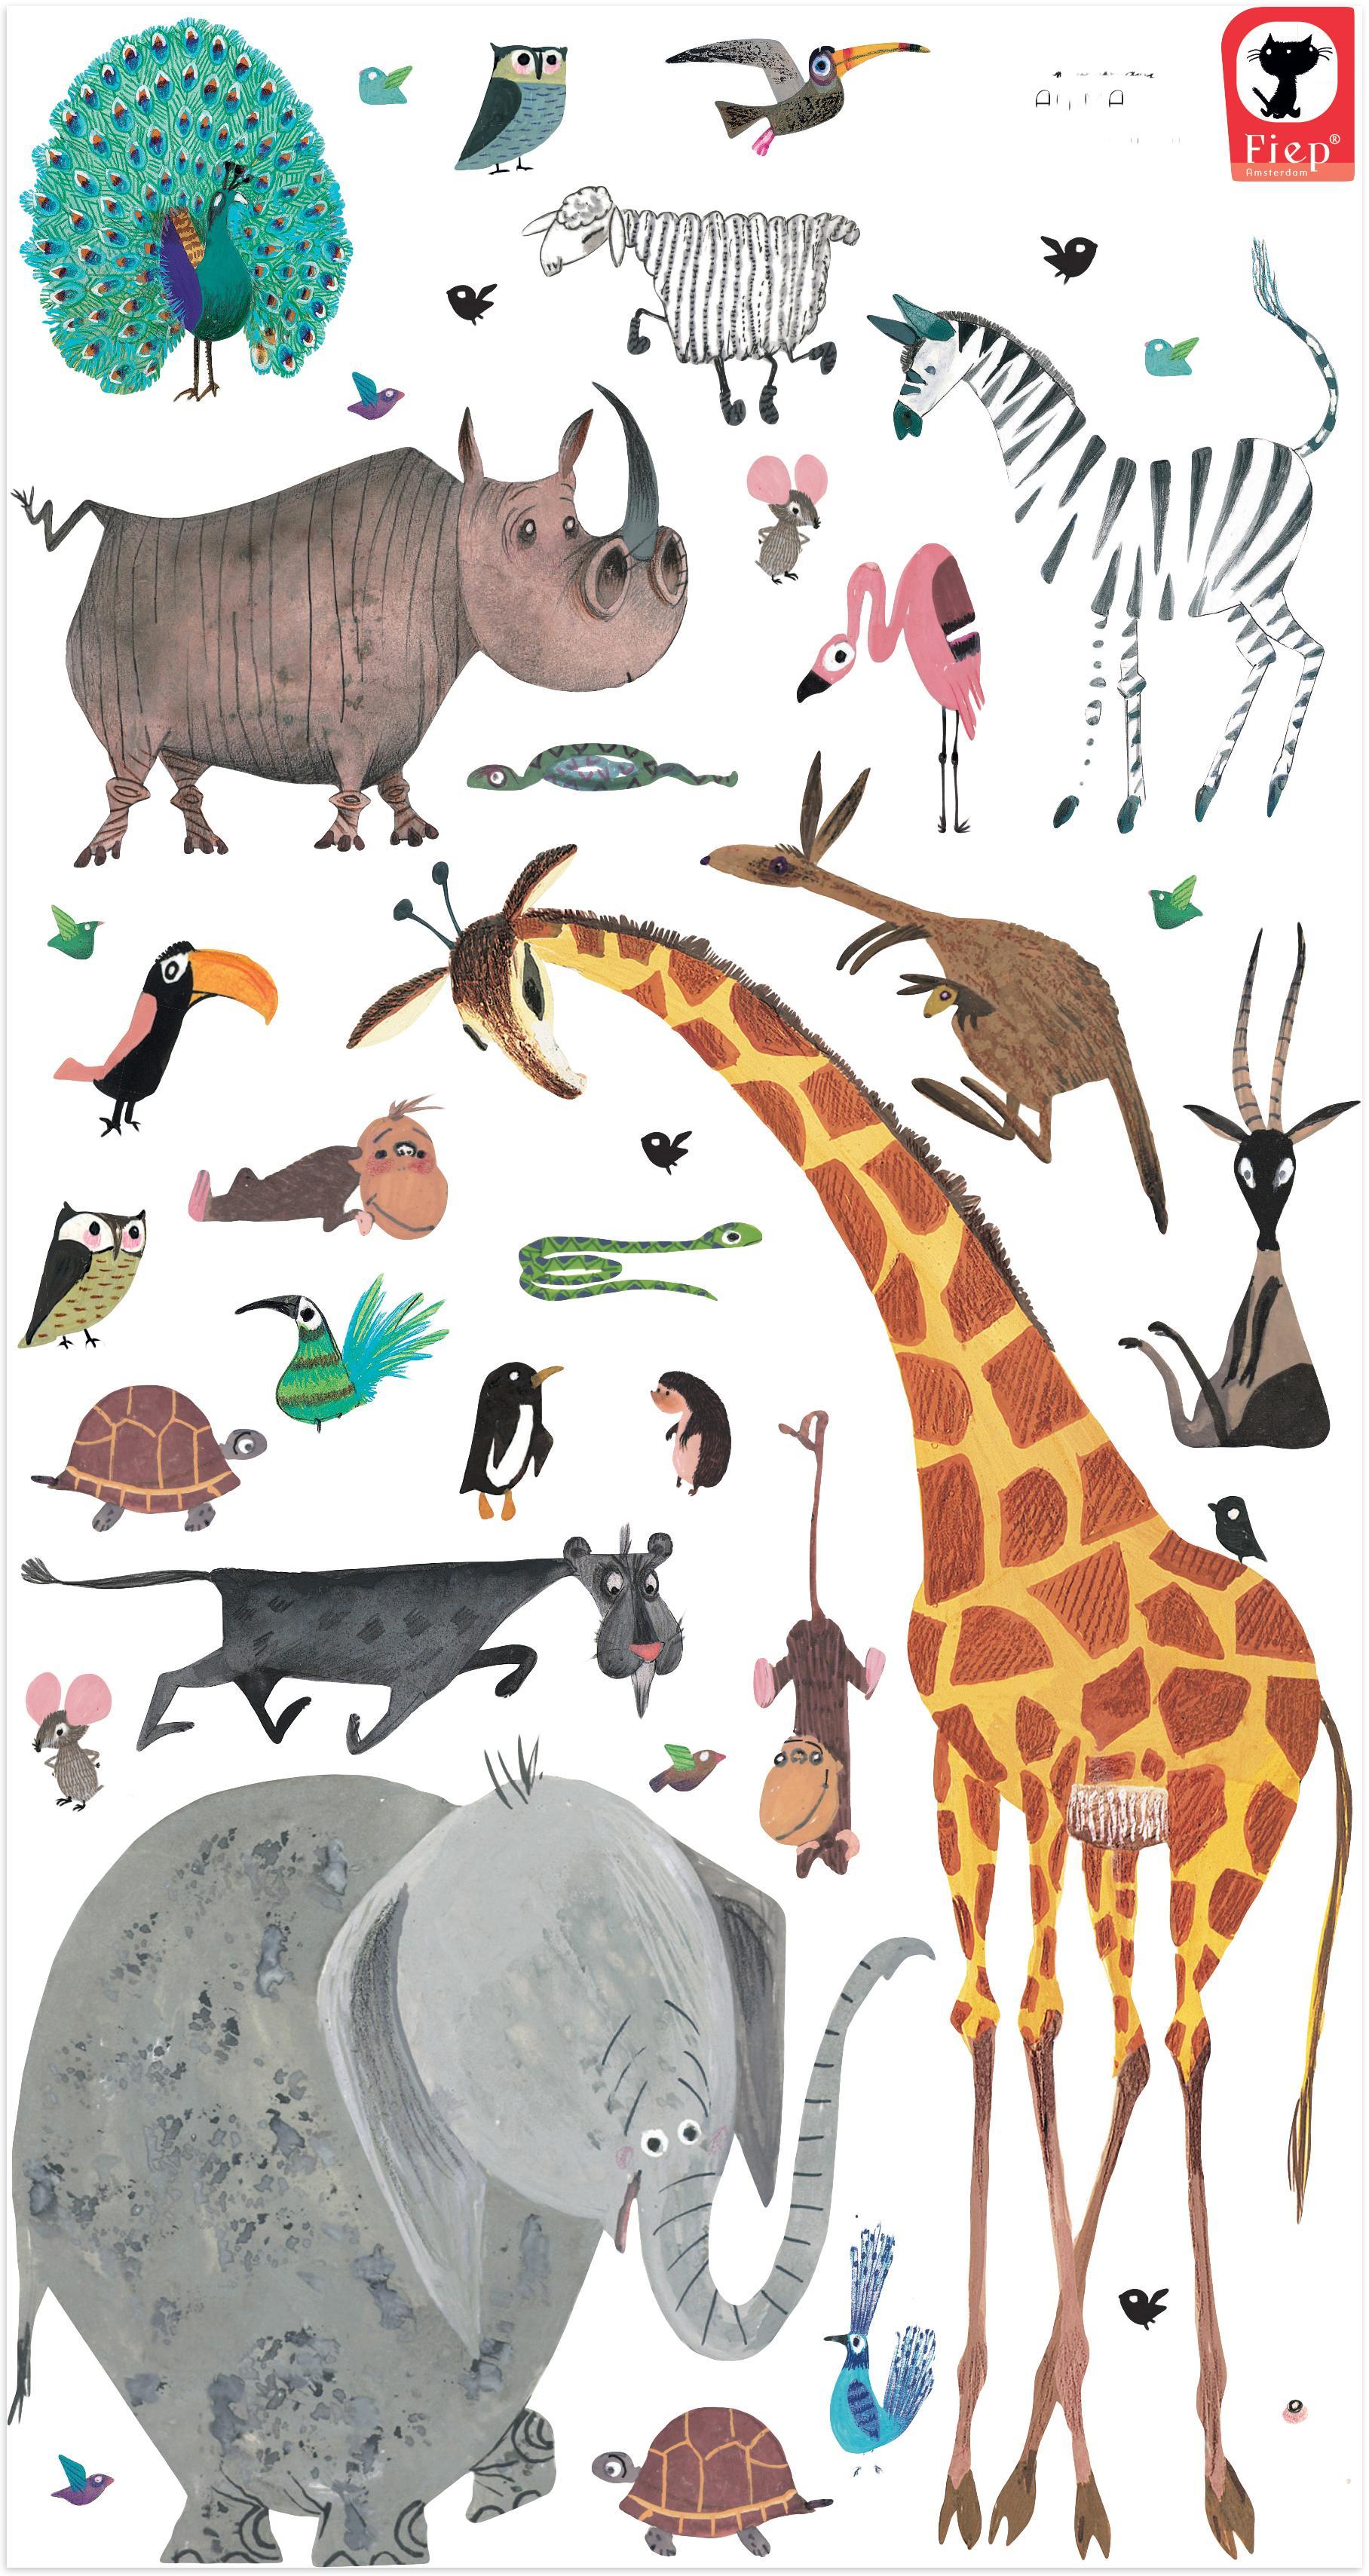 XL-Wandaufkleber-Set Animals, 39-tlg., Selbstklebende Vinylfolie, matt, Mehrfarbig, Verschiedene Grössen